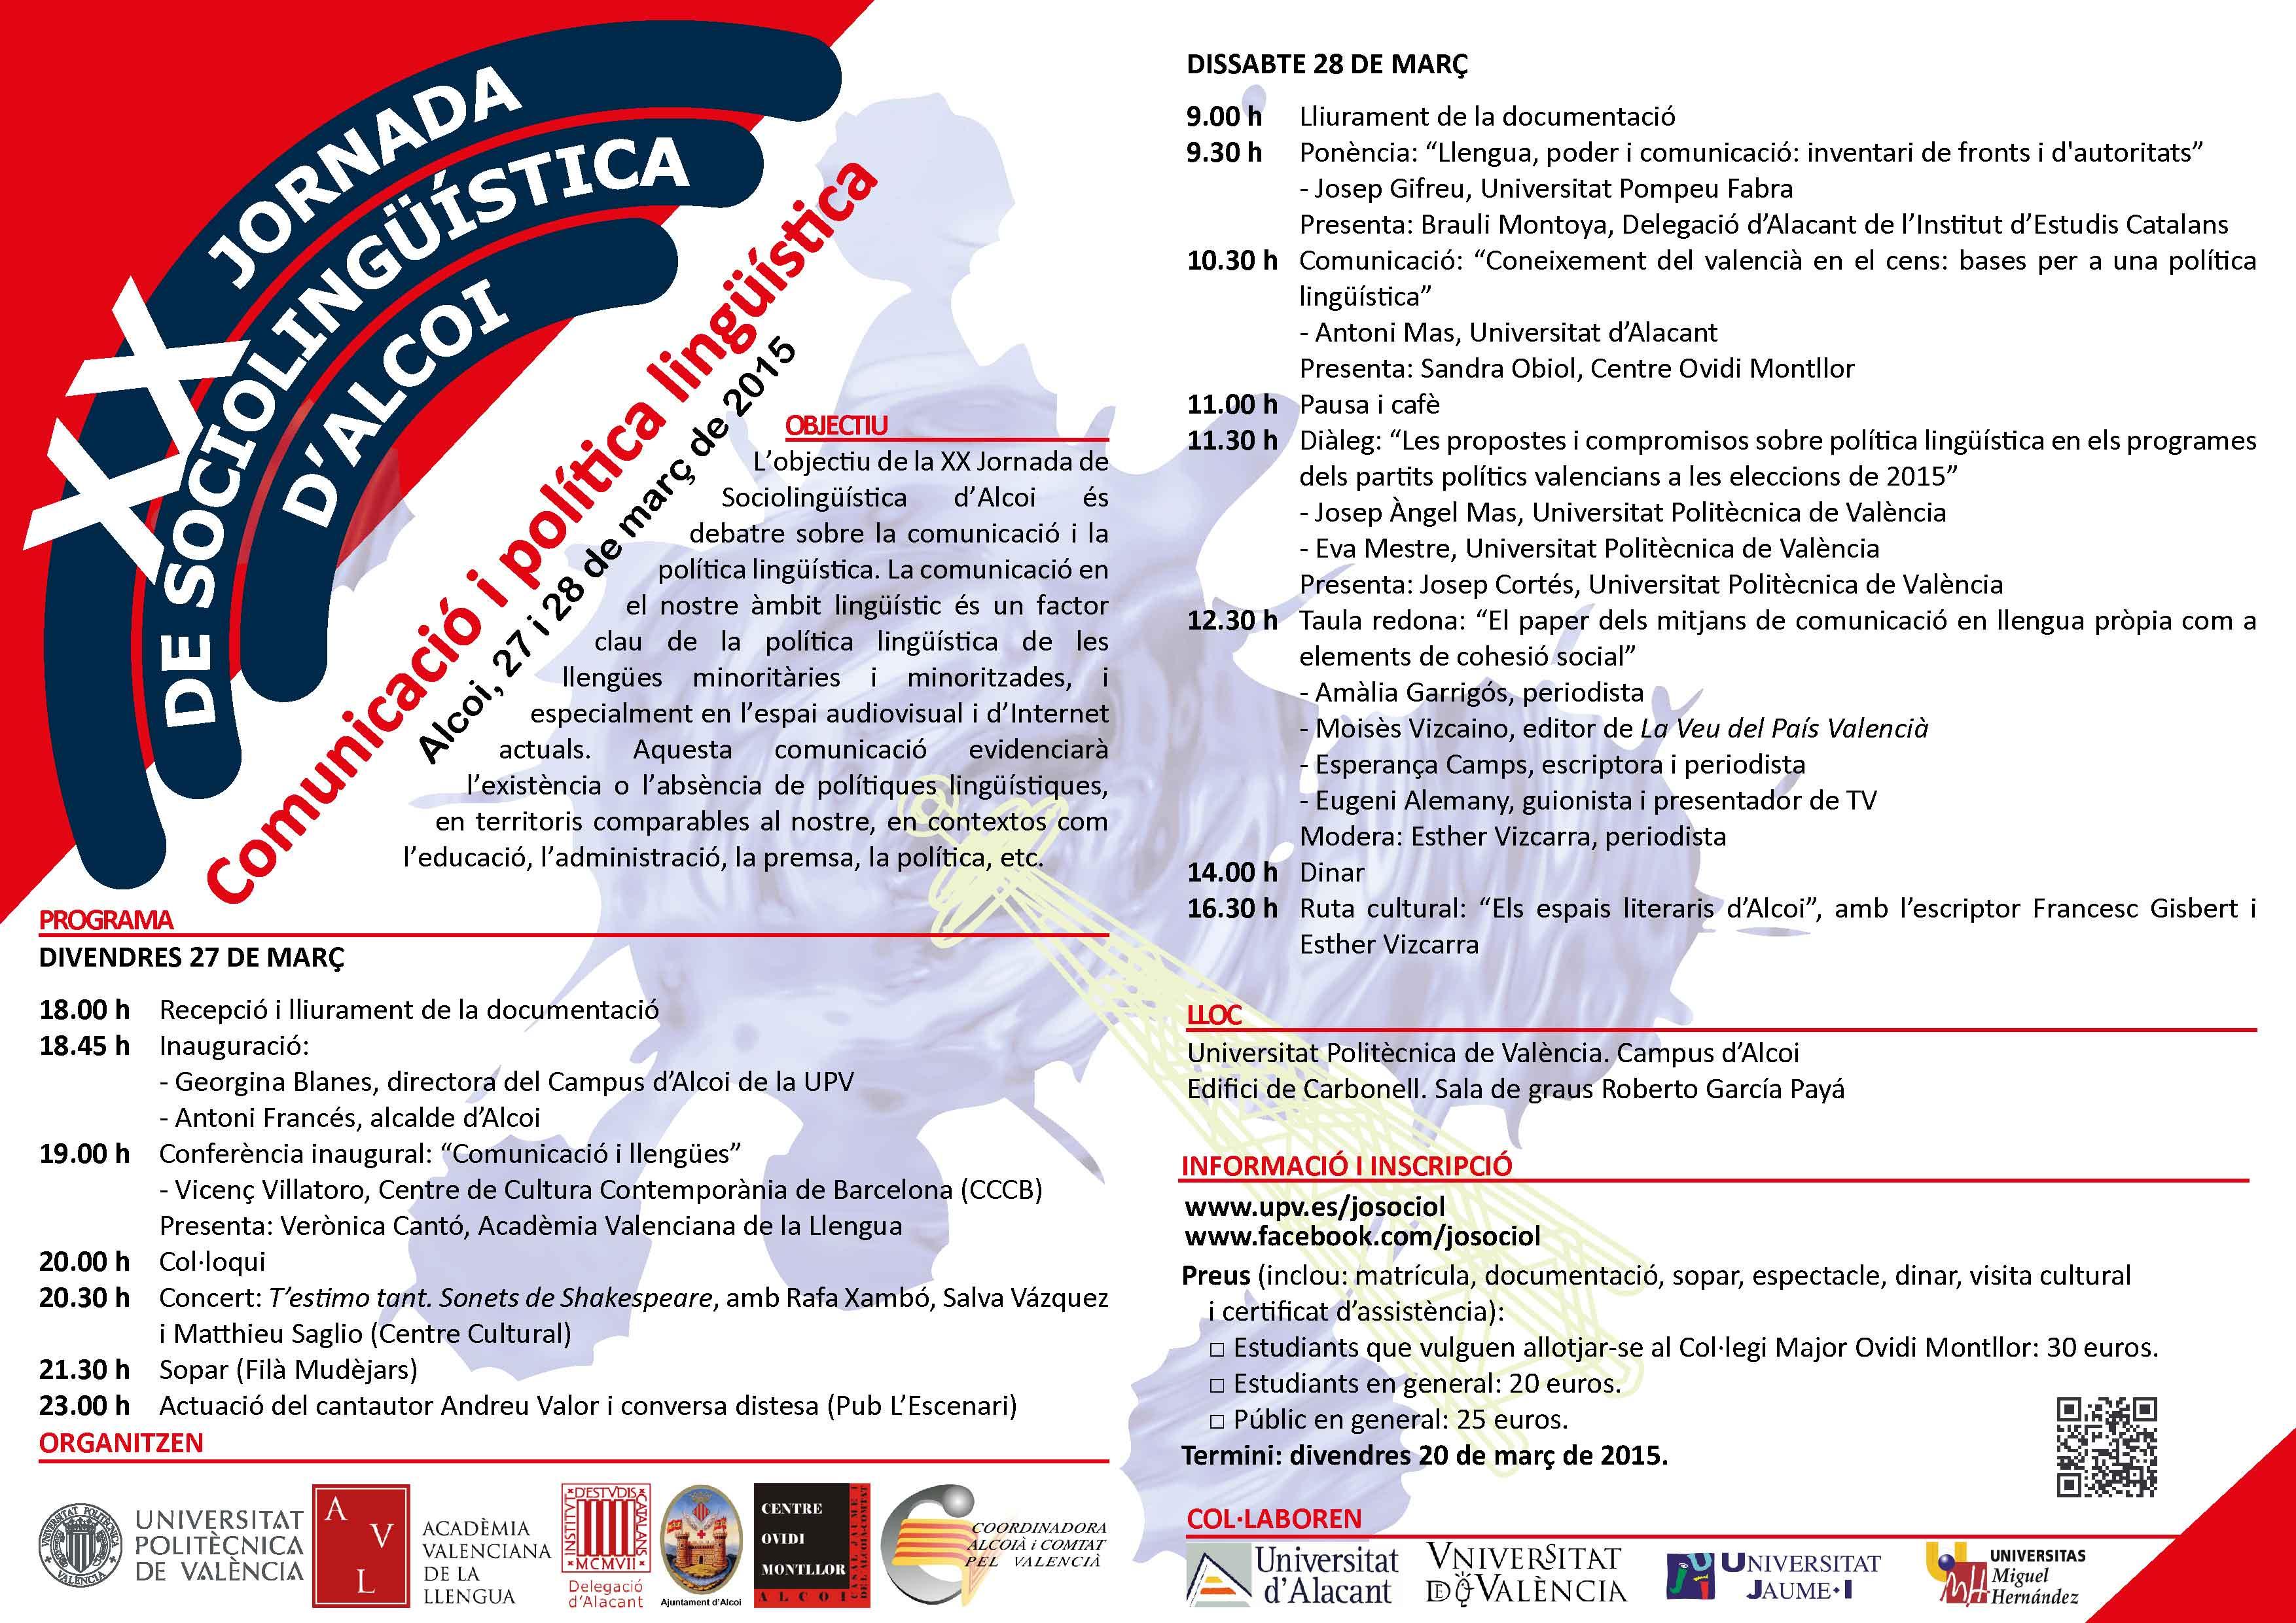 Programa XX Jornada de Sociolingüística d'Alcoi 2015